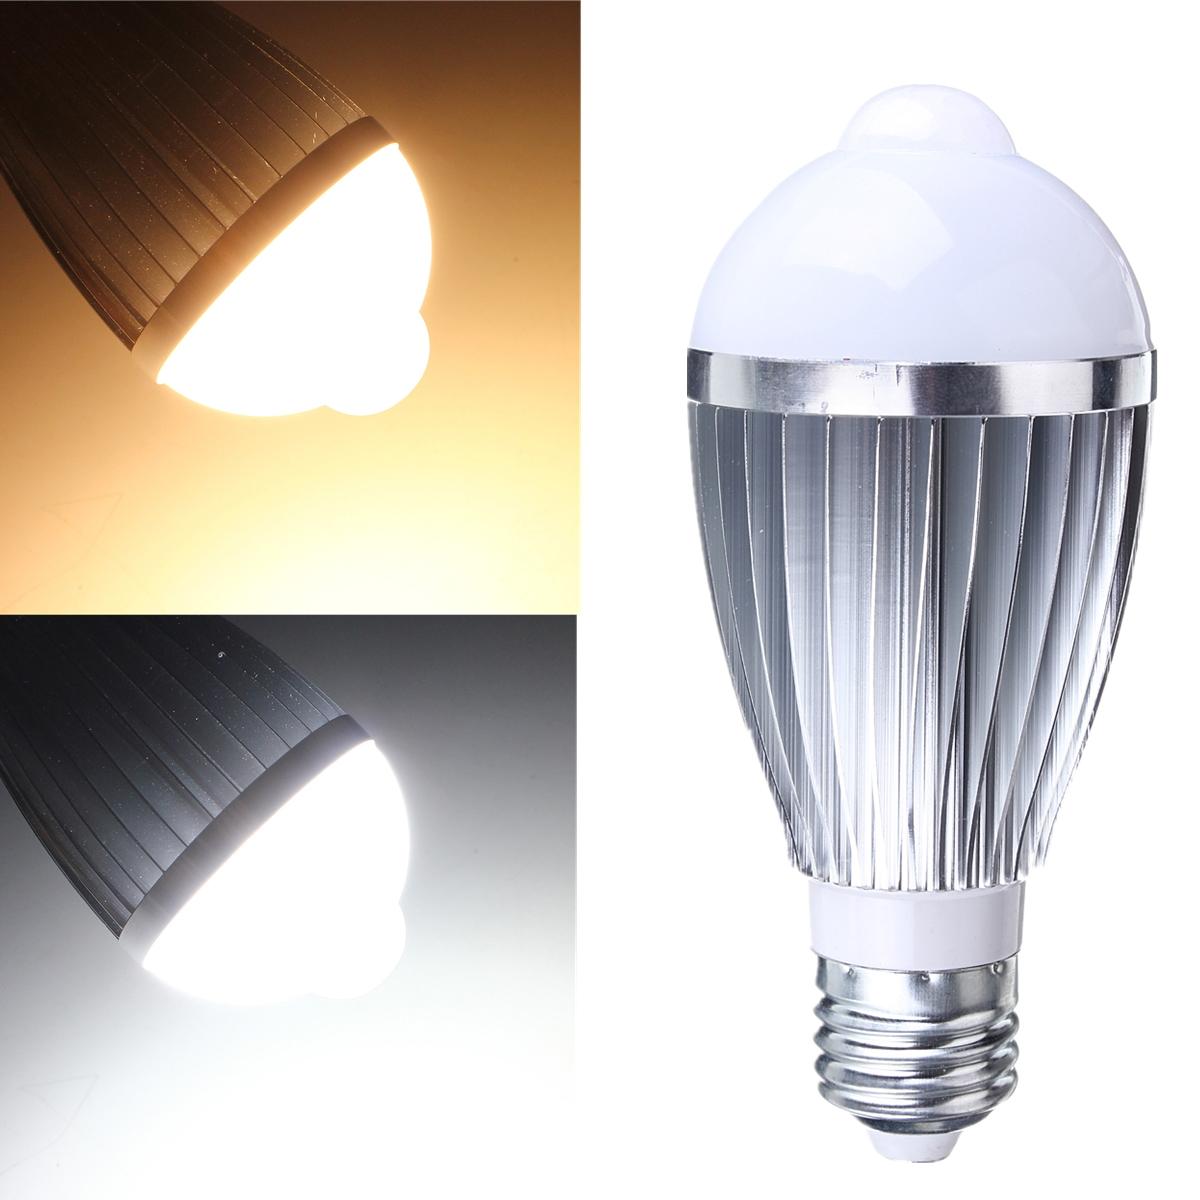 E27 5W/7W Auto PIR Infrared Motion Sensor Detection White LED Bulb Light Lamp OE